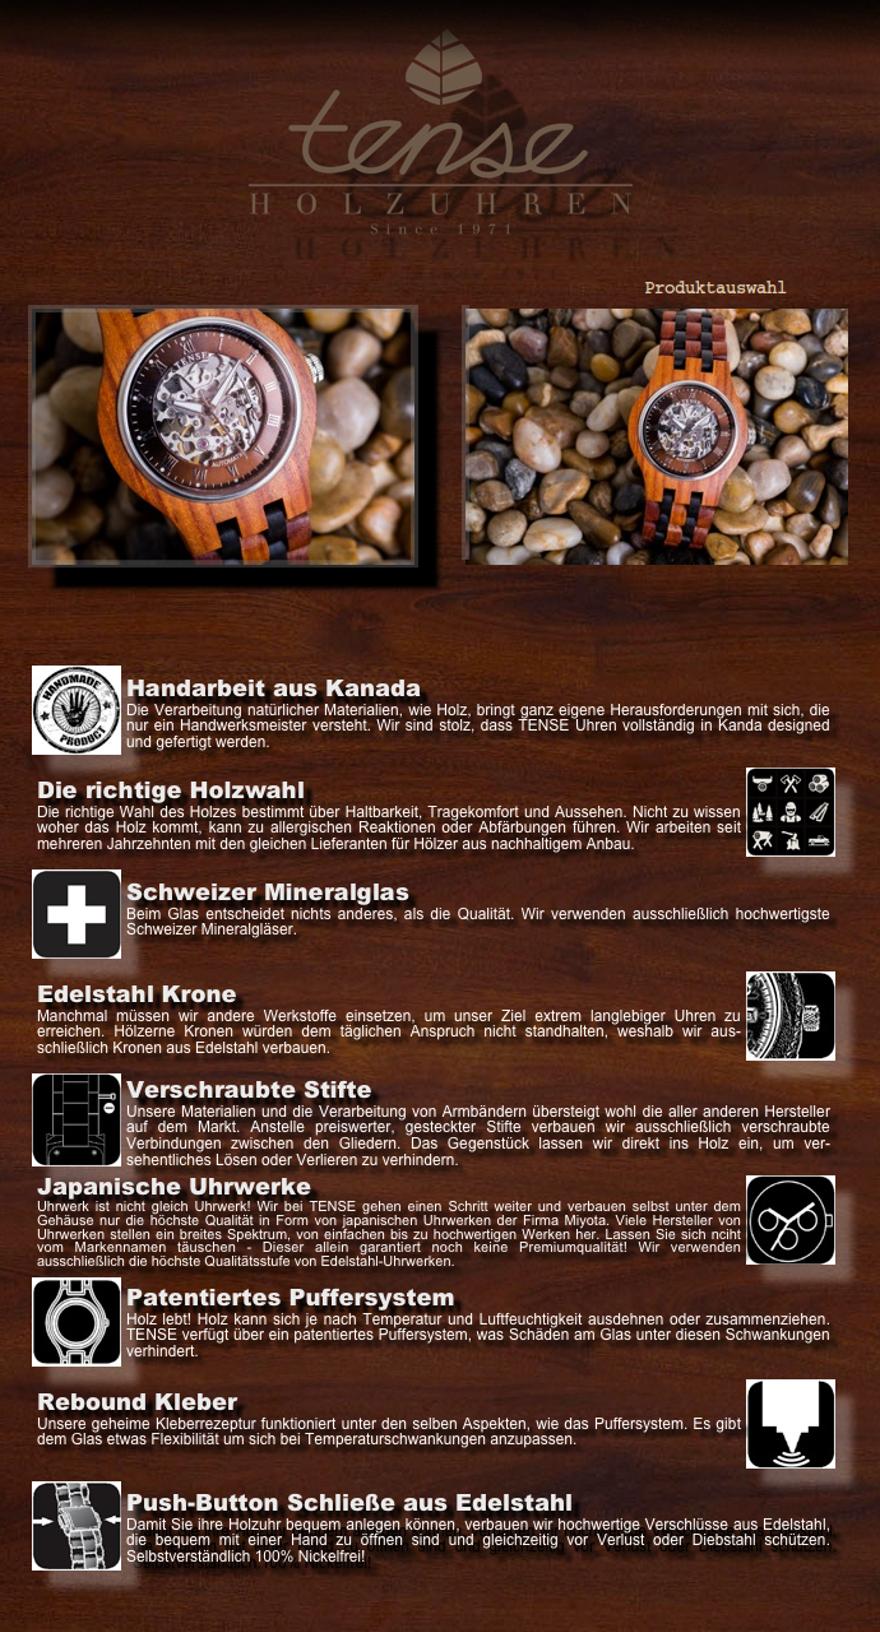 TomSaLand_Tense-Holzuhren_TechnischeDetails_880px